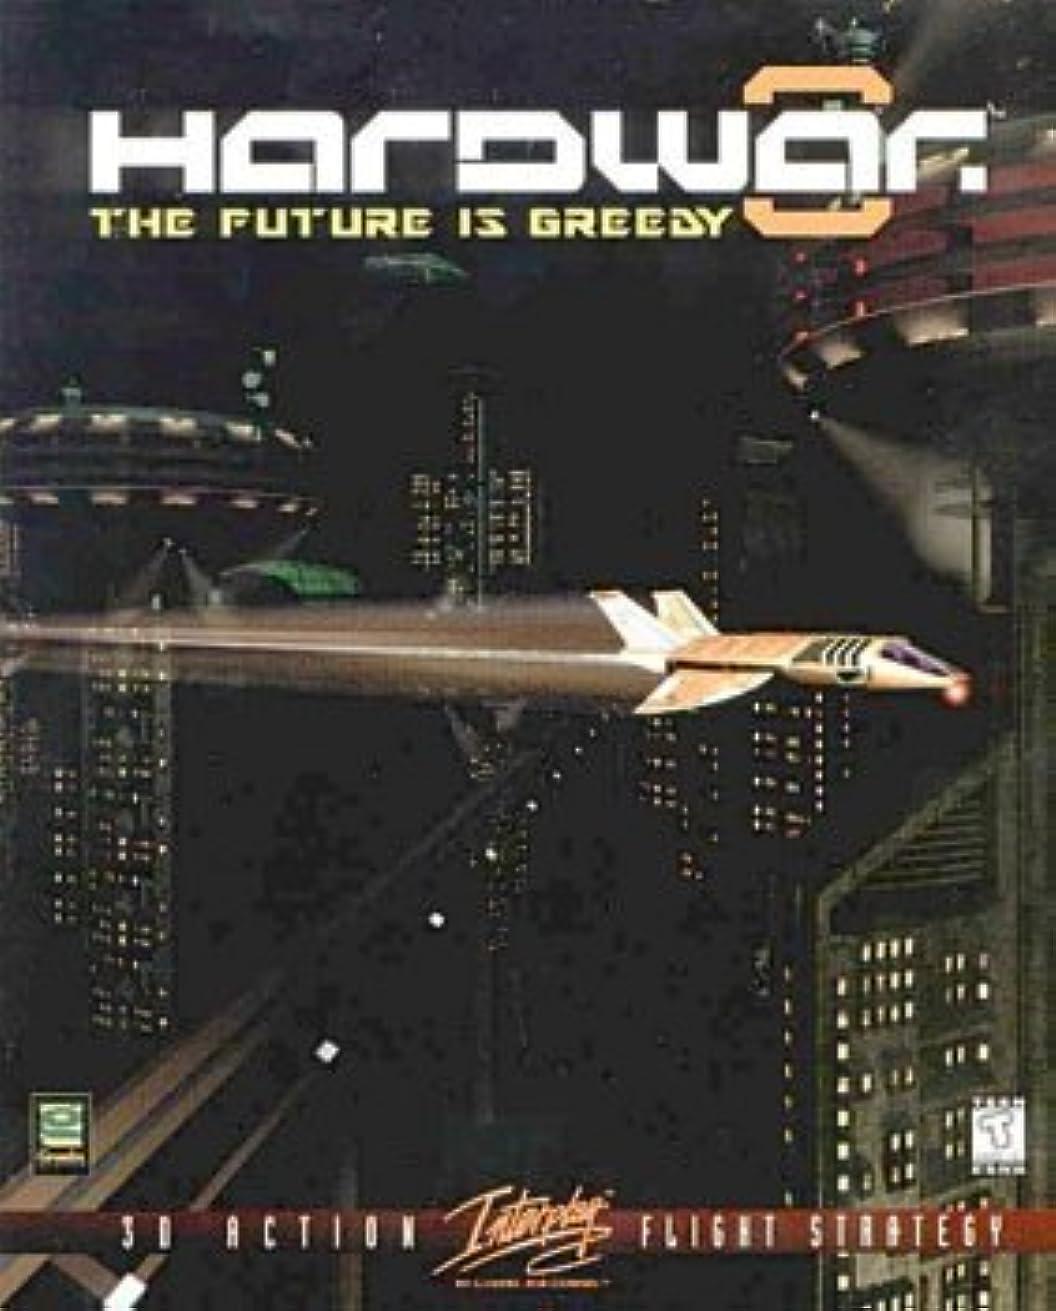 チャーター勇気黒人Hardwar: The Future is Greedy (輸入版)